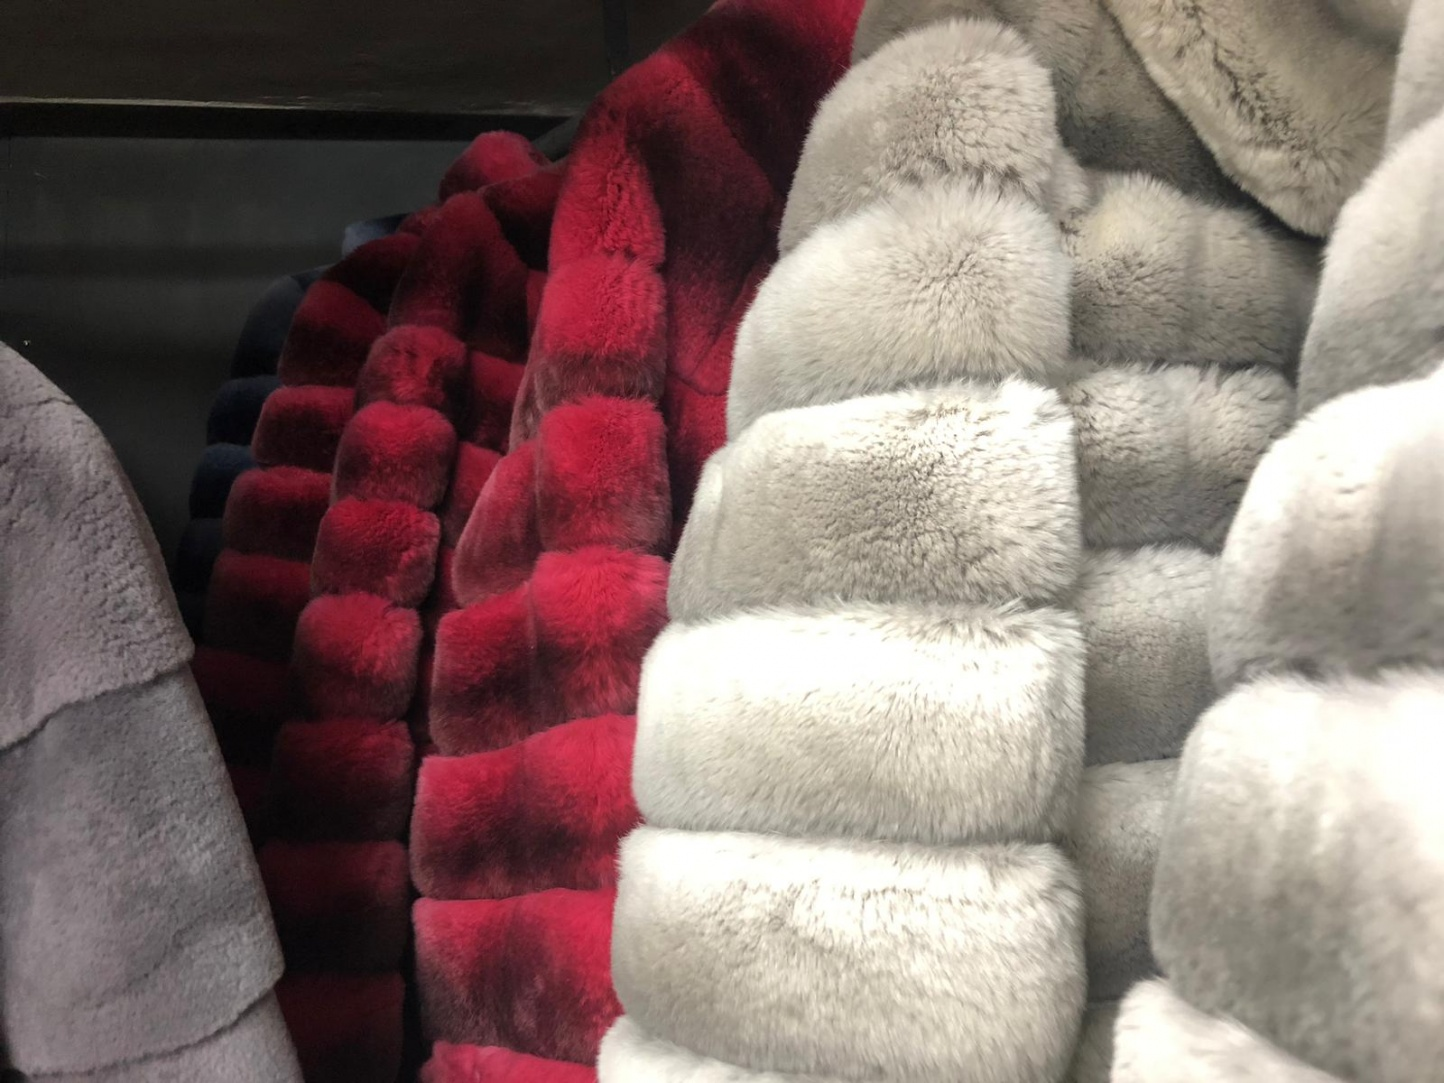 Consejos para conservar tu abrigo de piel como el primer día - Img 2